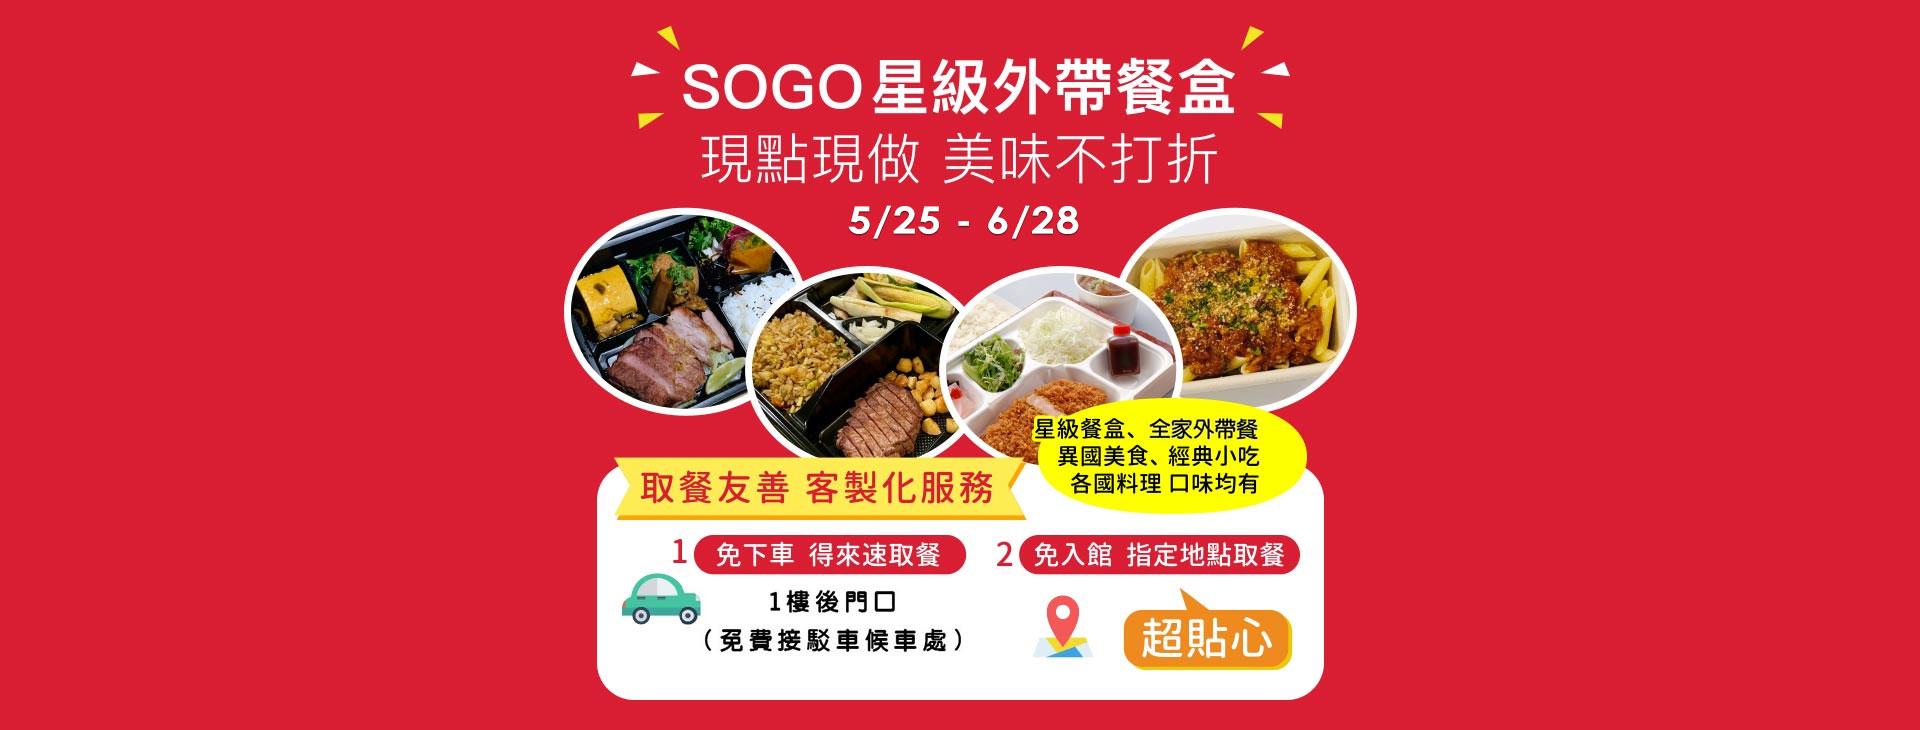 SOGO星級外帶餐盒